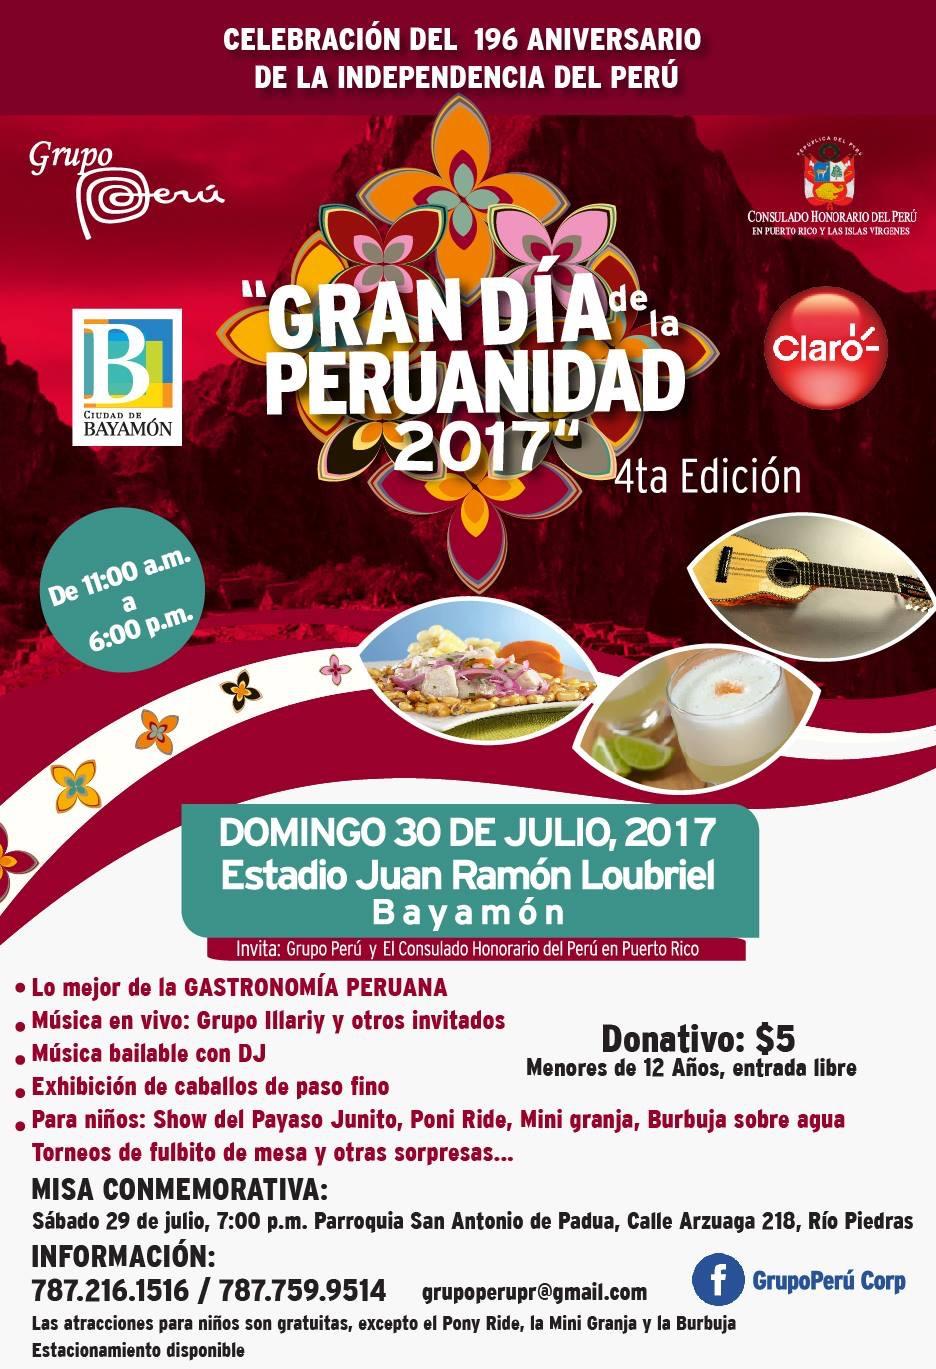 Gran Día de Peruanidad el 30 de julio de 2017 en el Estadio Juan Ramón Loubriel desde las 11:00 a.m.